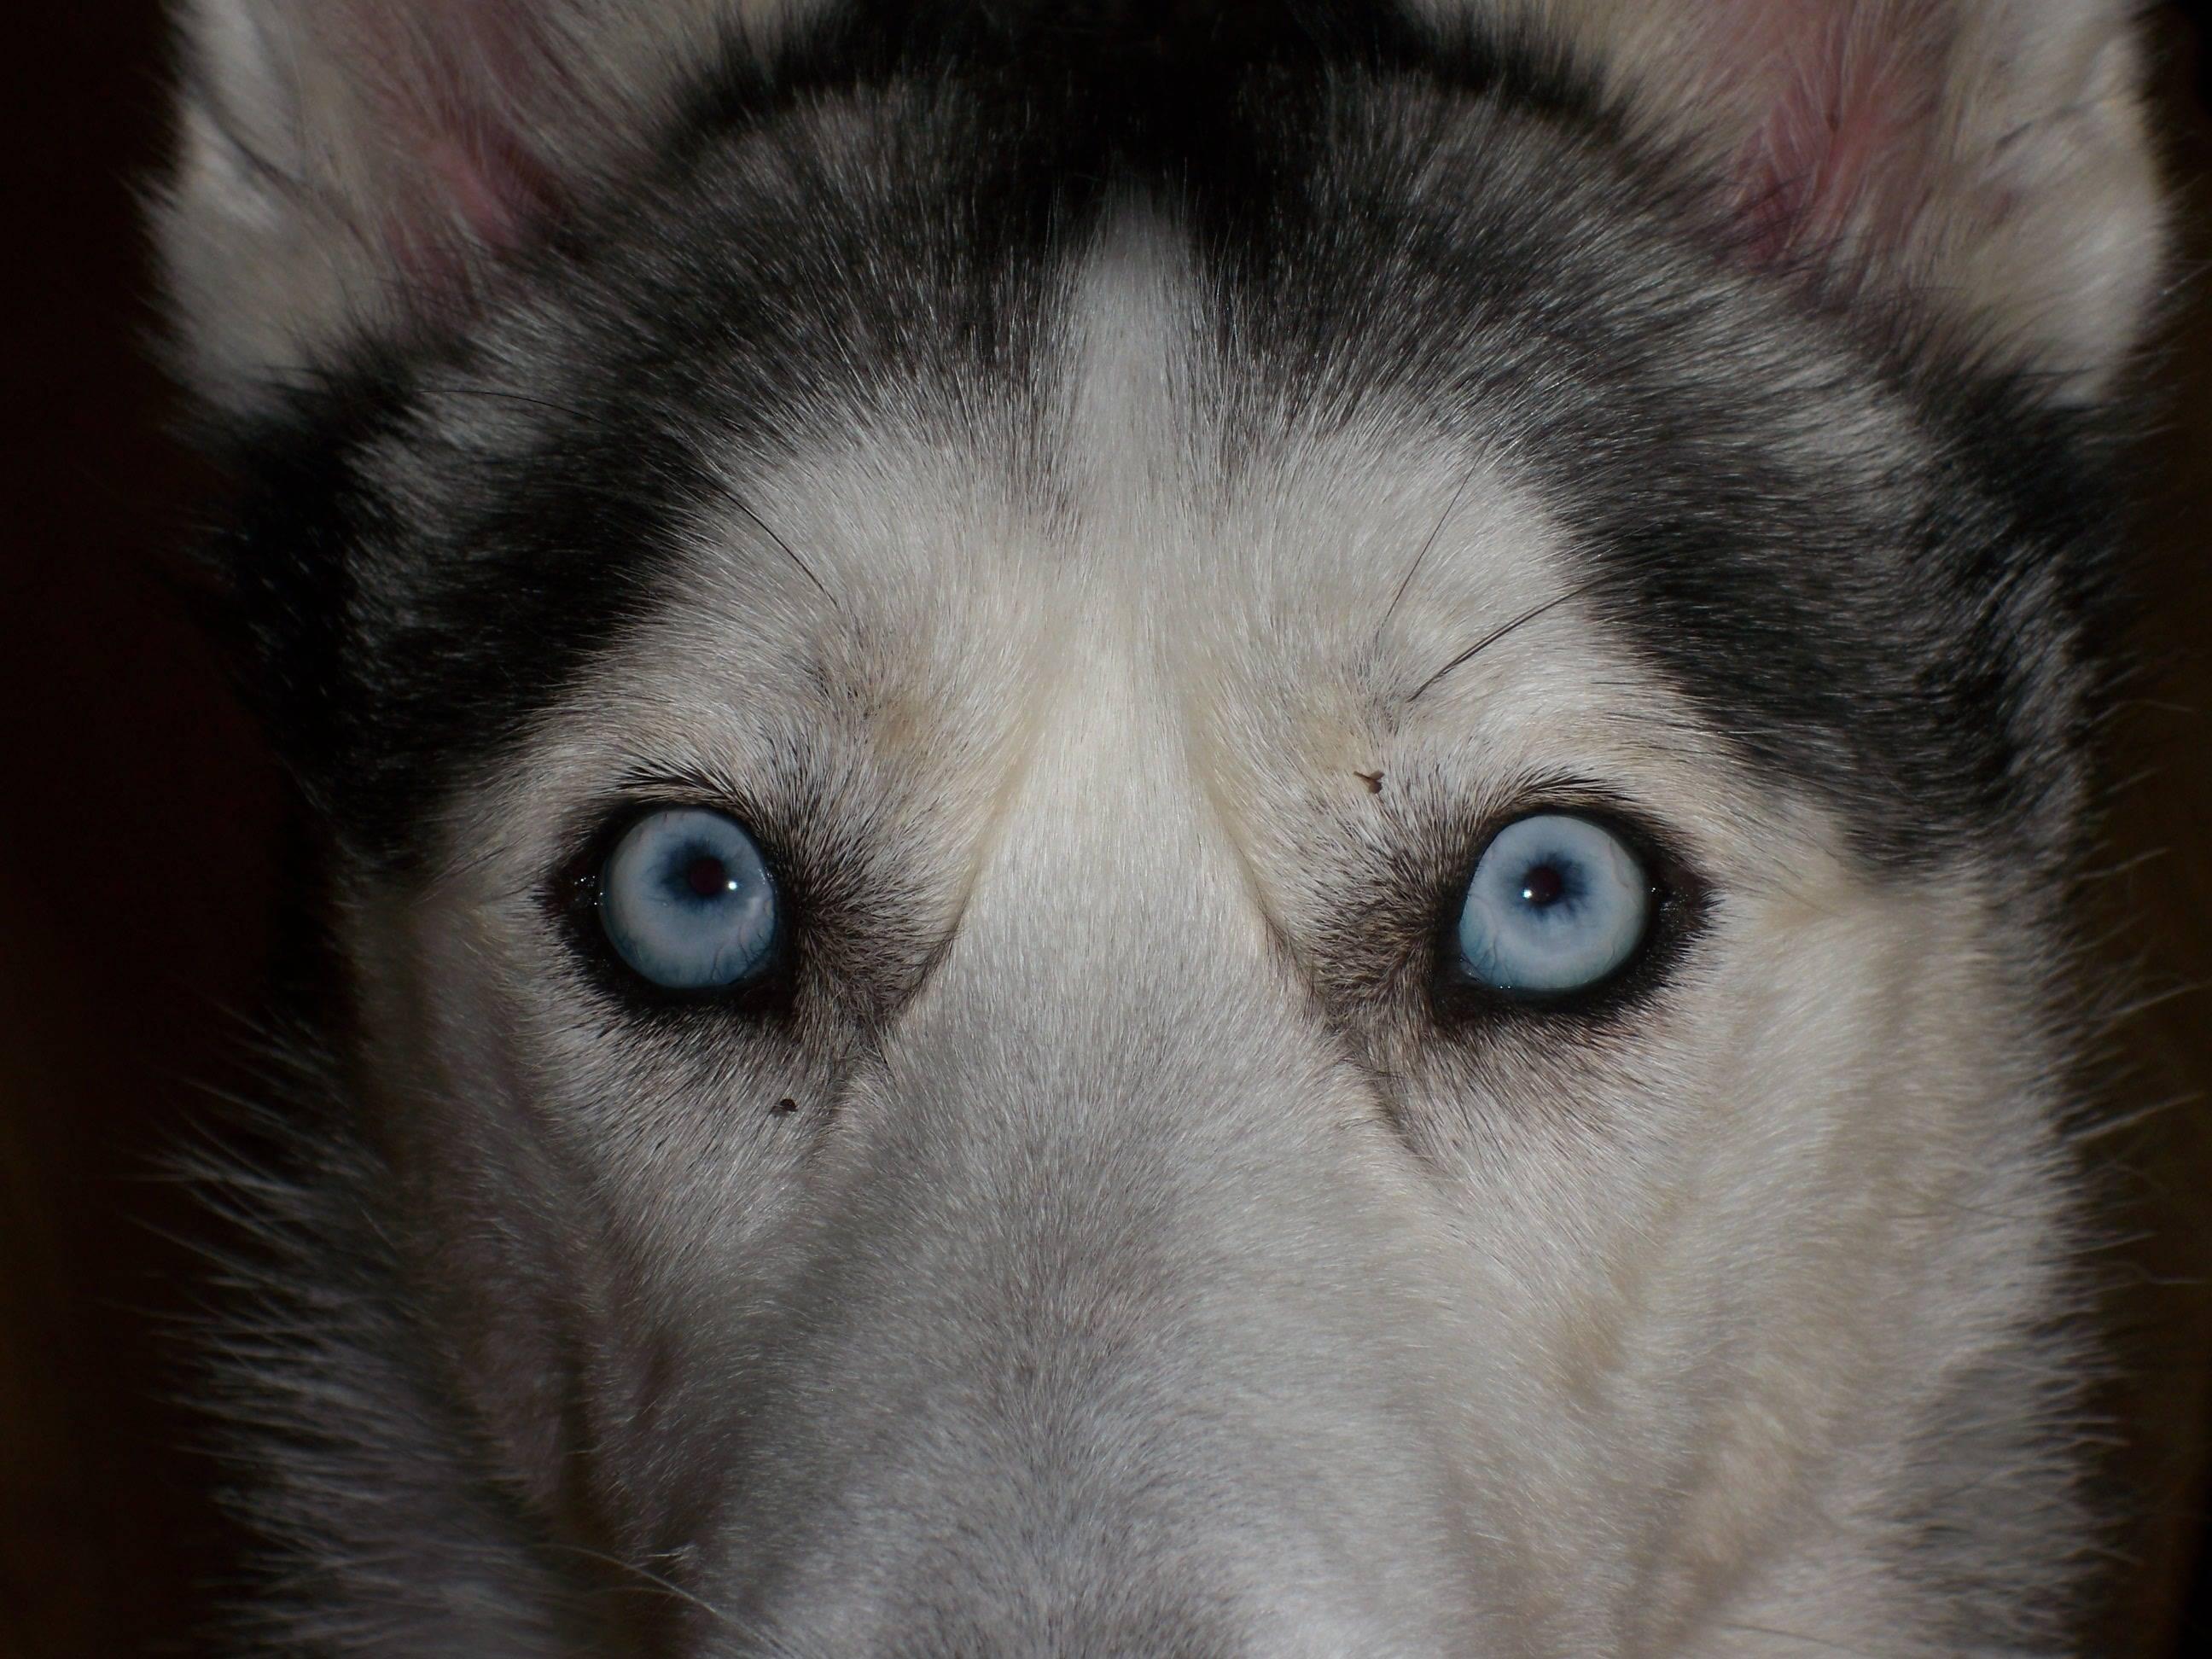 Глаза хаски - питомник husky fund